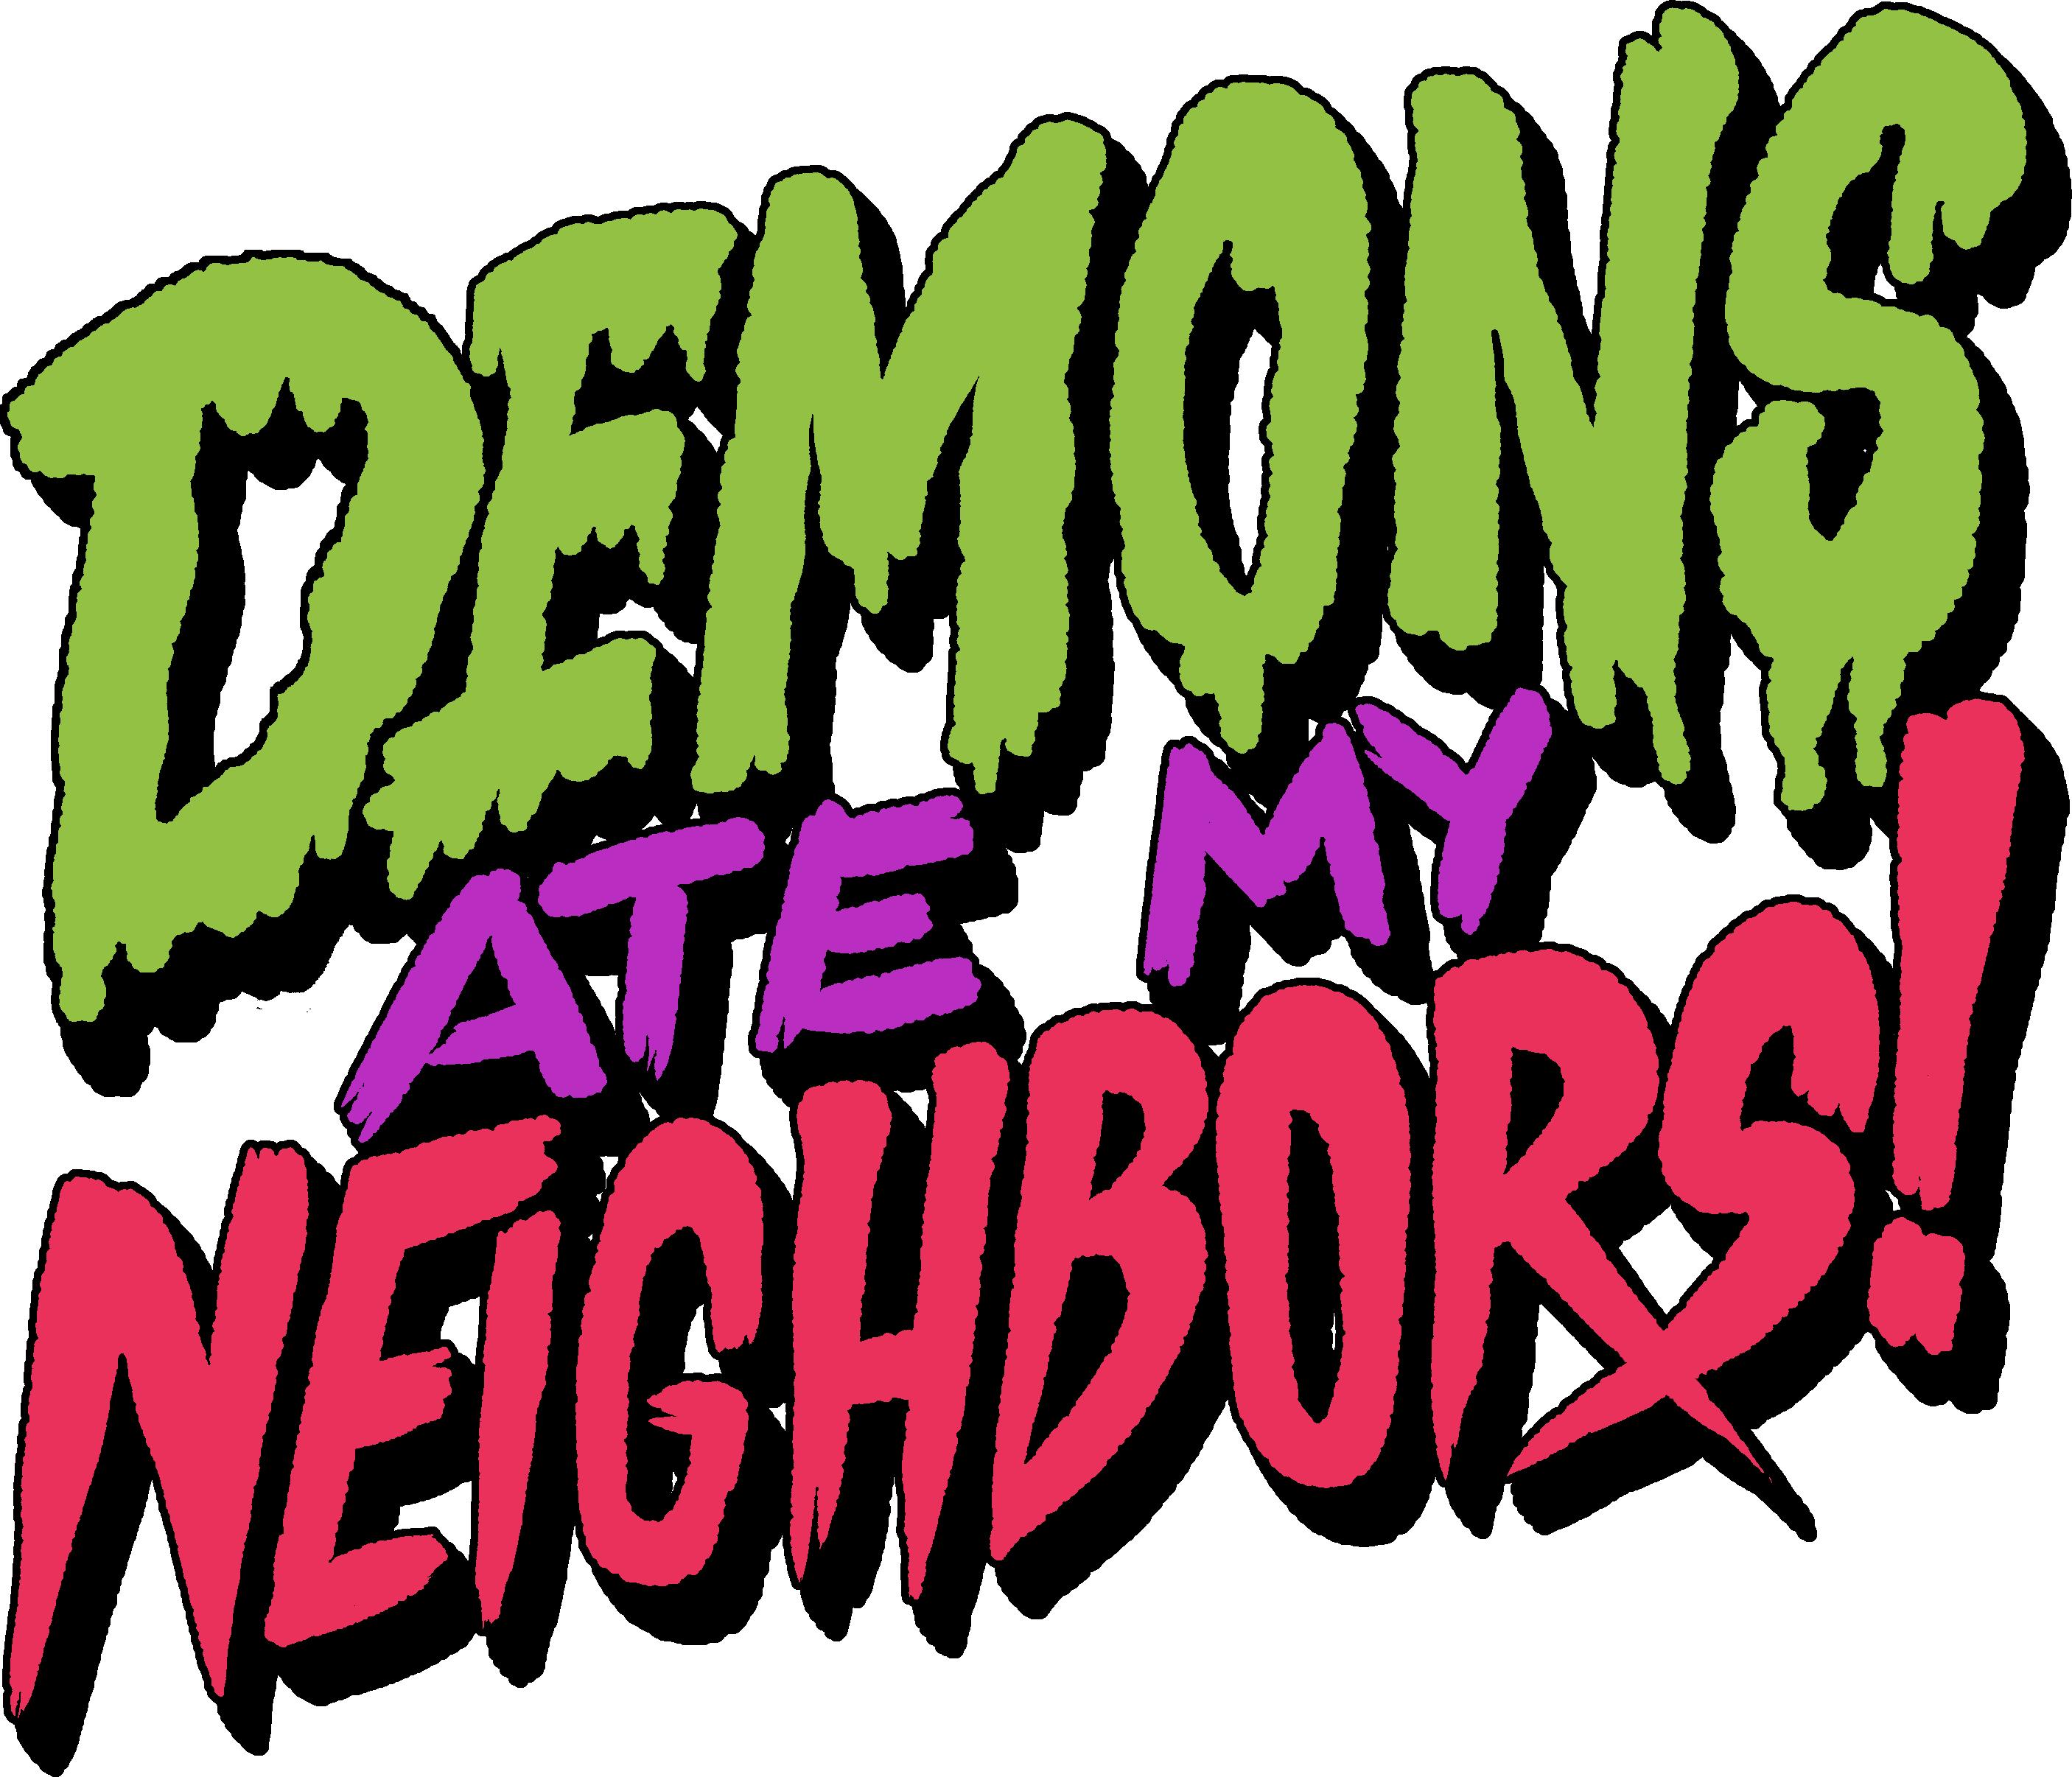 Demons-Ate-My-Neighbors_2020_08-12-20_007